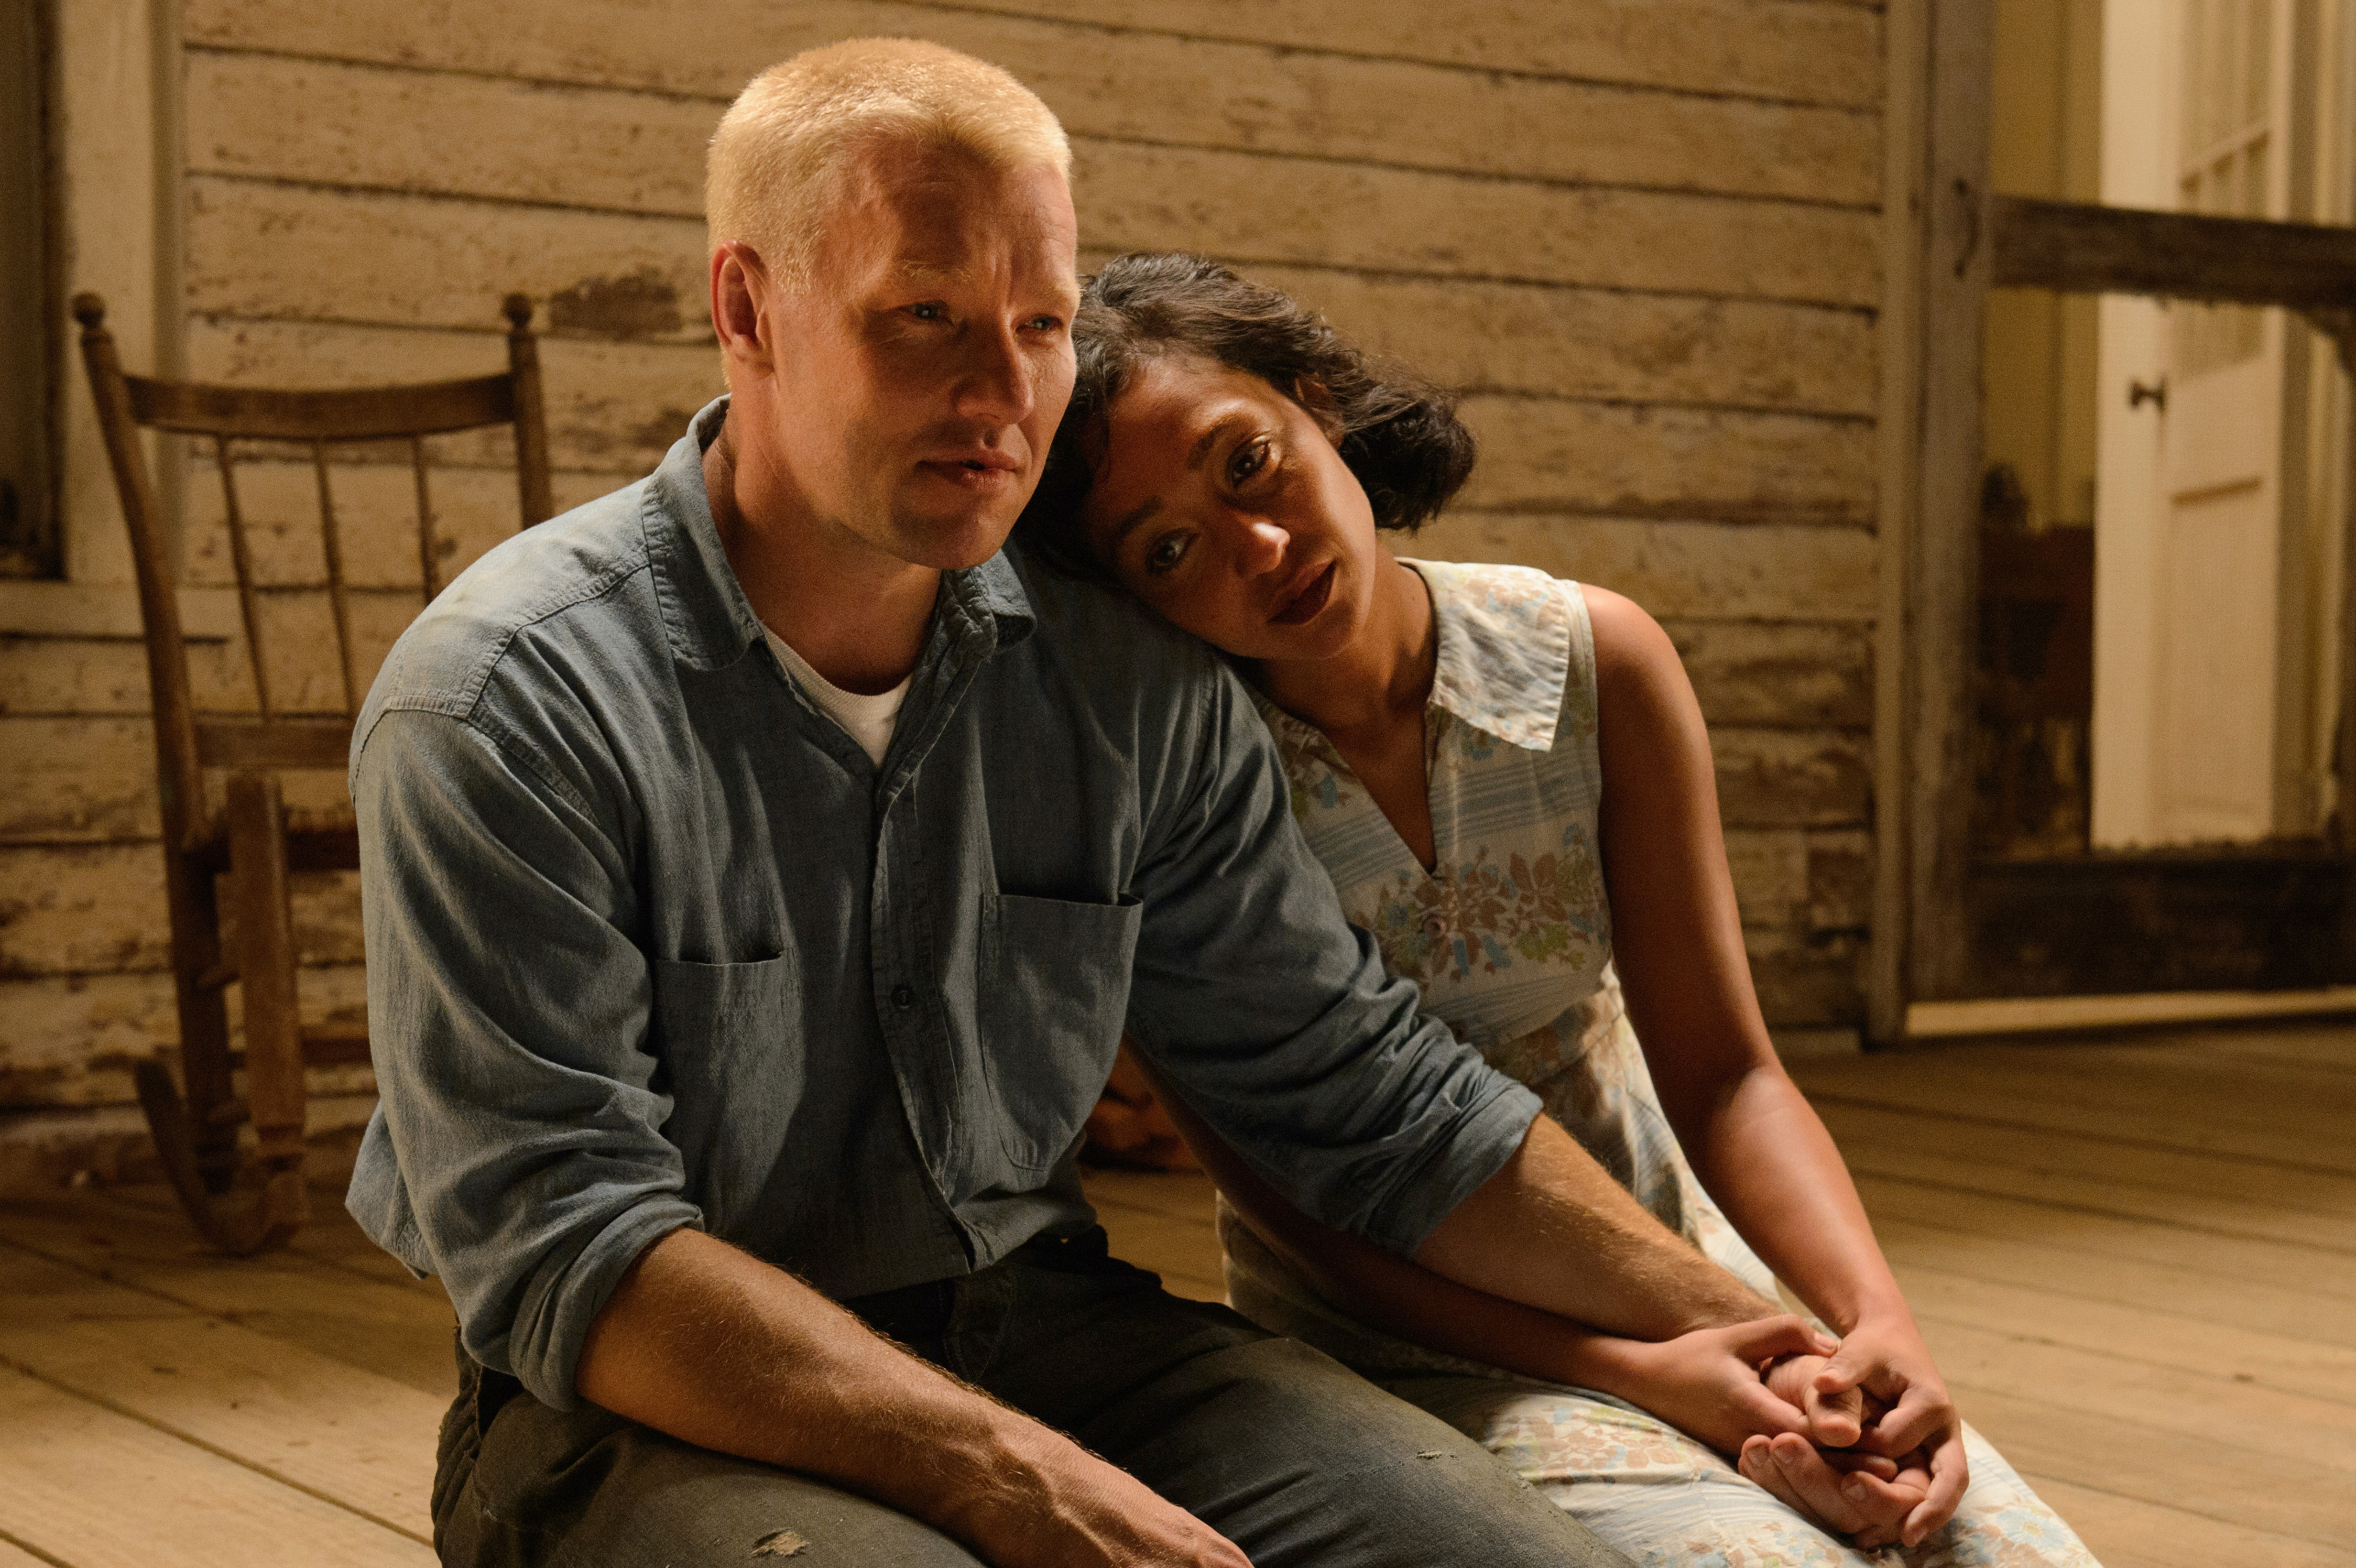 girl-england-interracially-married-interracial-marriage-hillary-clinton